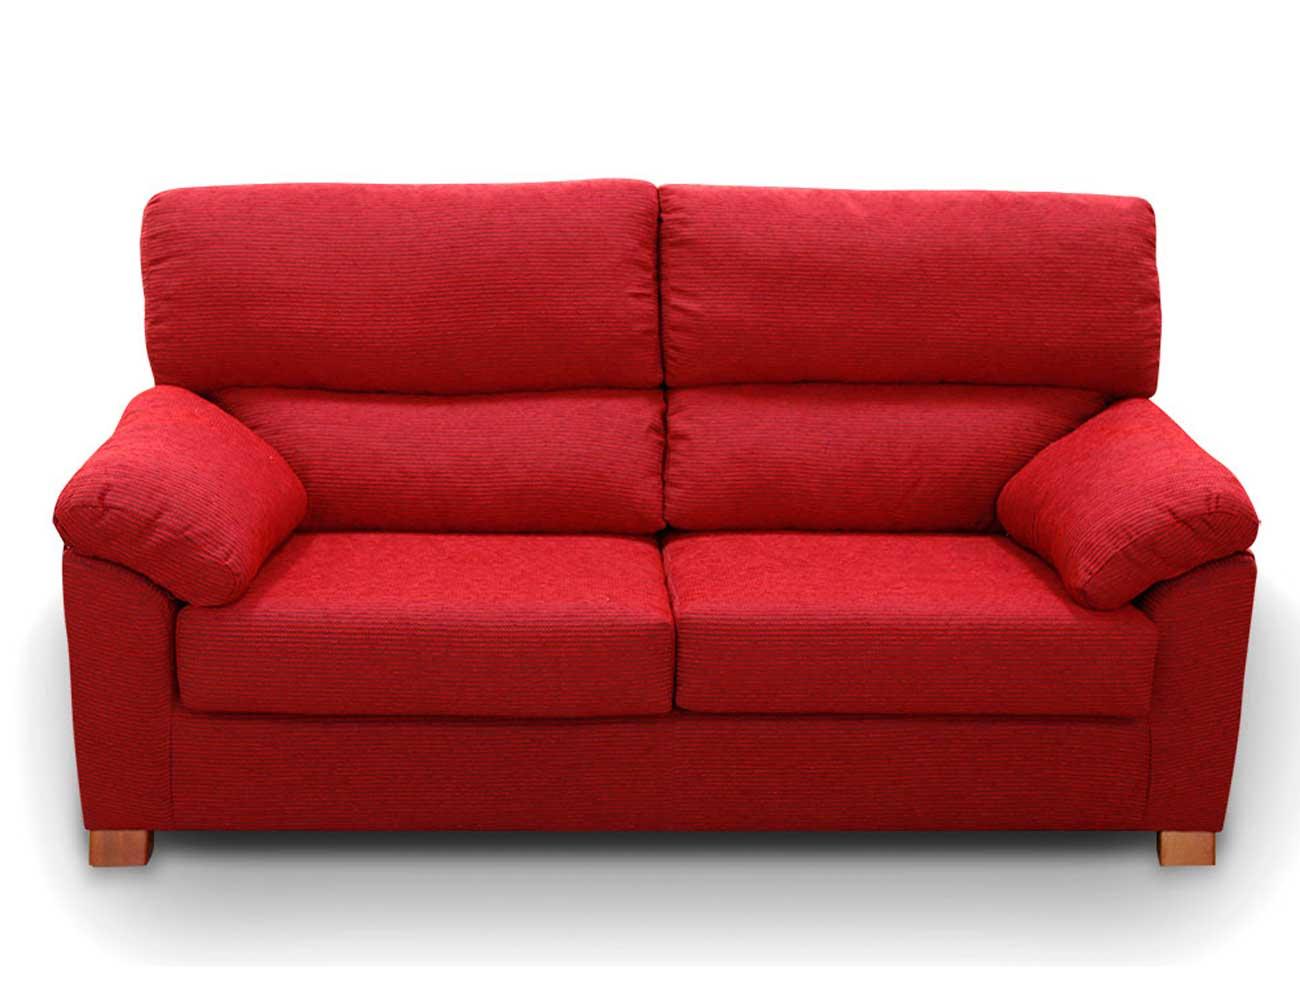 Sofa barato 3 plazas rojo14